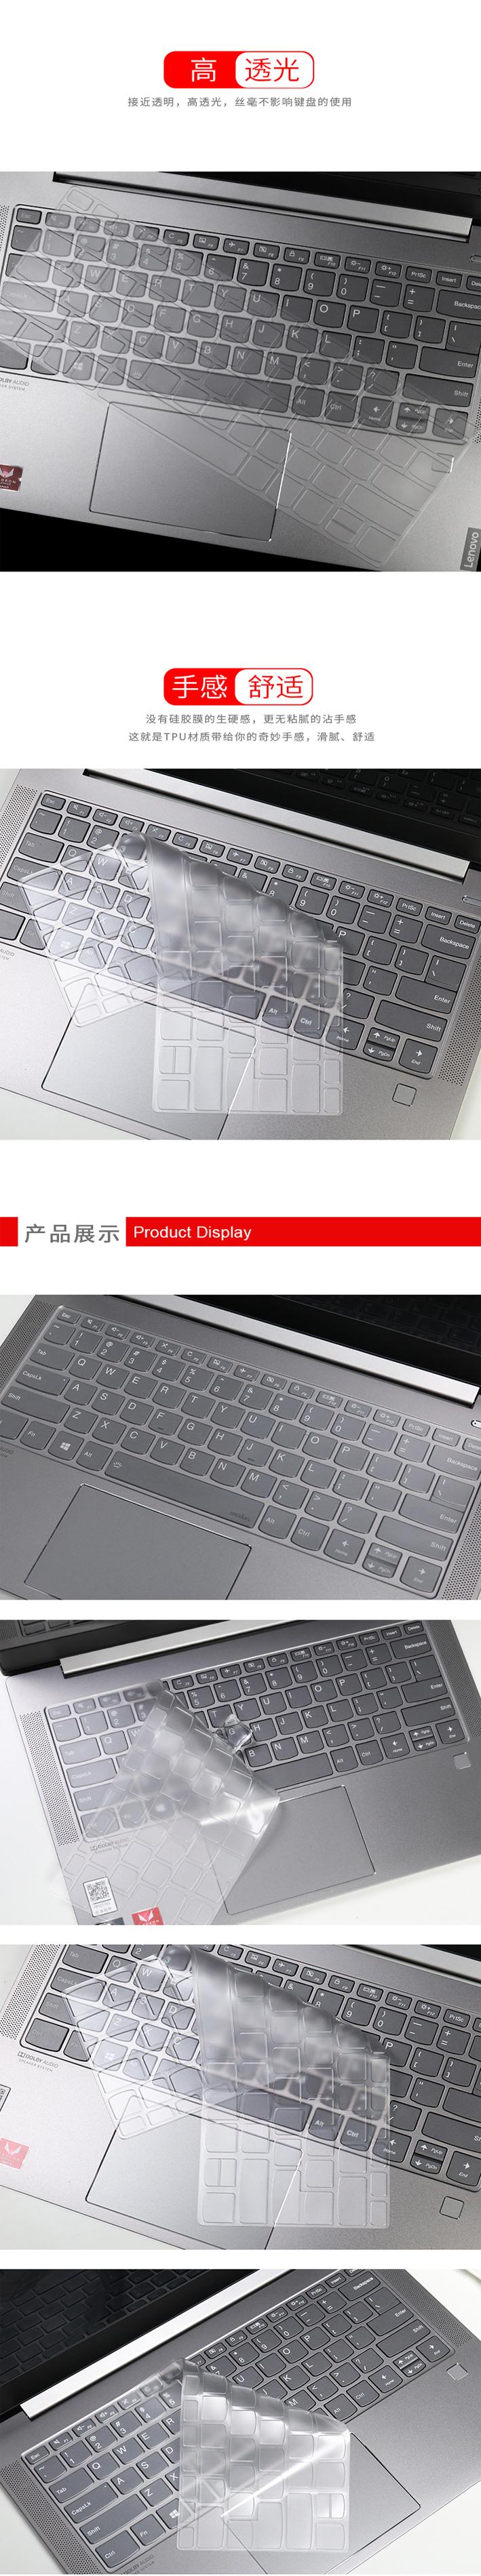 Dán surface  Surface123Laptop24Pro6 ABCD Pro 6 82 - ảnh 22